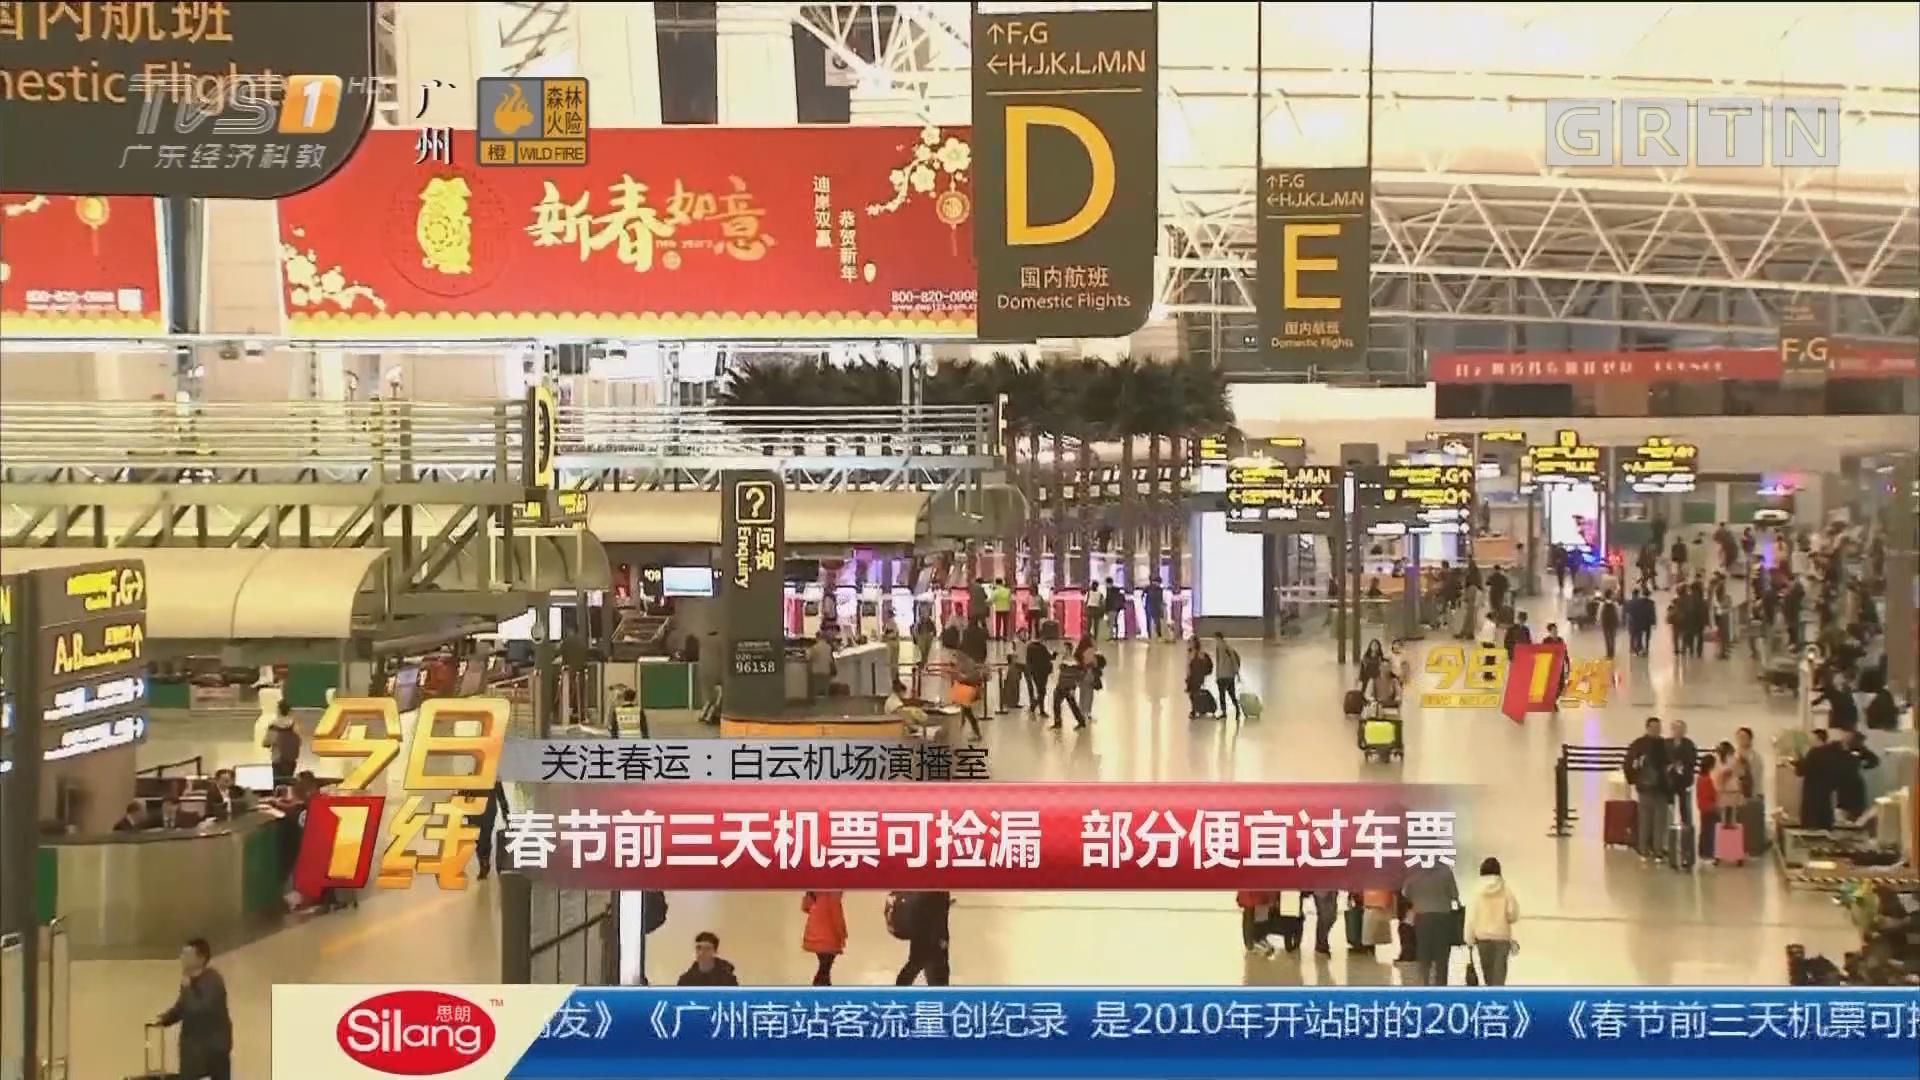 关注春运:白云机场演播室 春节前三天机票可捡漏 部分便宜过车票